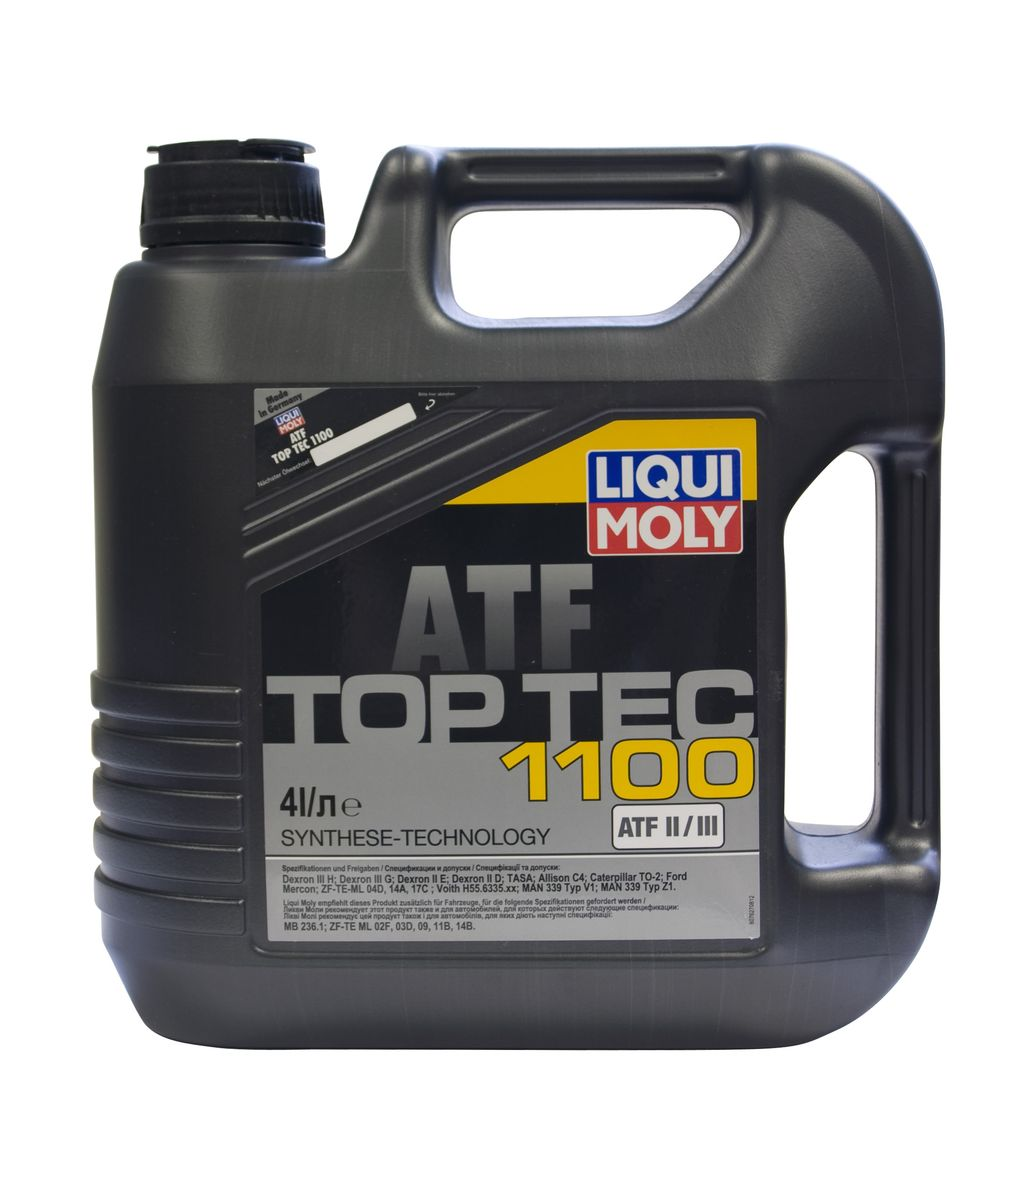 Масло трансмиссионное Liqui Moly Top Tec ATF 1100, НС-синтетическое, 4 л10503Масло трансмиссионное Liqui Moly Top Tec ATF 1100 отвечает требованиям производителей как трансмиссий и гидроусилителей рулевого управления, так и дополнительных навесных агрегатов. HC-синтетическая универсальная жидкость для автоматических и механических трансмиссий легковых и грузовых автомобилей. Обеспечивает безупречную работу агрегатов при любых нагрузках и колебаниях температуры. Top Tec ATF 1100 создана на базе масел HC-синтеза и современного пакета присадок, что гарантирует безупречную работу жидкости при любых нагрузках и колебаниях температуры. Особенности: - Гарантирует высокую температурную стабильность- Обладает максимальной стабильностью к старению- Обеспечивает отличную антикоррозионную защитуДопуск: -Dexron: II D/II E/III G/III H-ATF TASA: (Typ A Suffix A) -ZF: TE-ML 04D/TE-ML 14A/TE-ML 17C-Caterpillar: TO-2-Ford: Mercon-MAN: 339 Typ V1/339 Typ Z1-MB: 236.1-Voith: H55.6335.XX (G 607) -Allison: TES 389/C-4